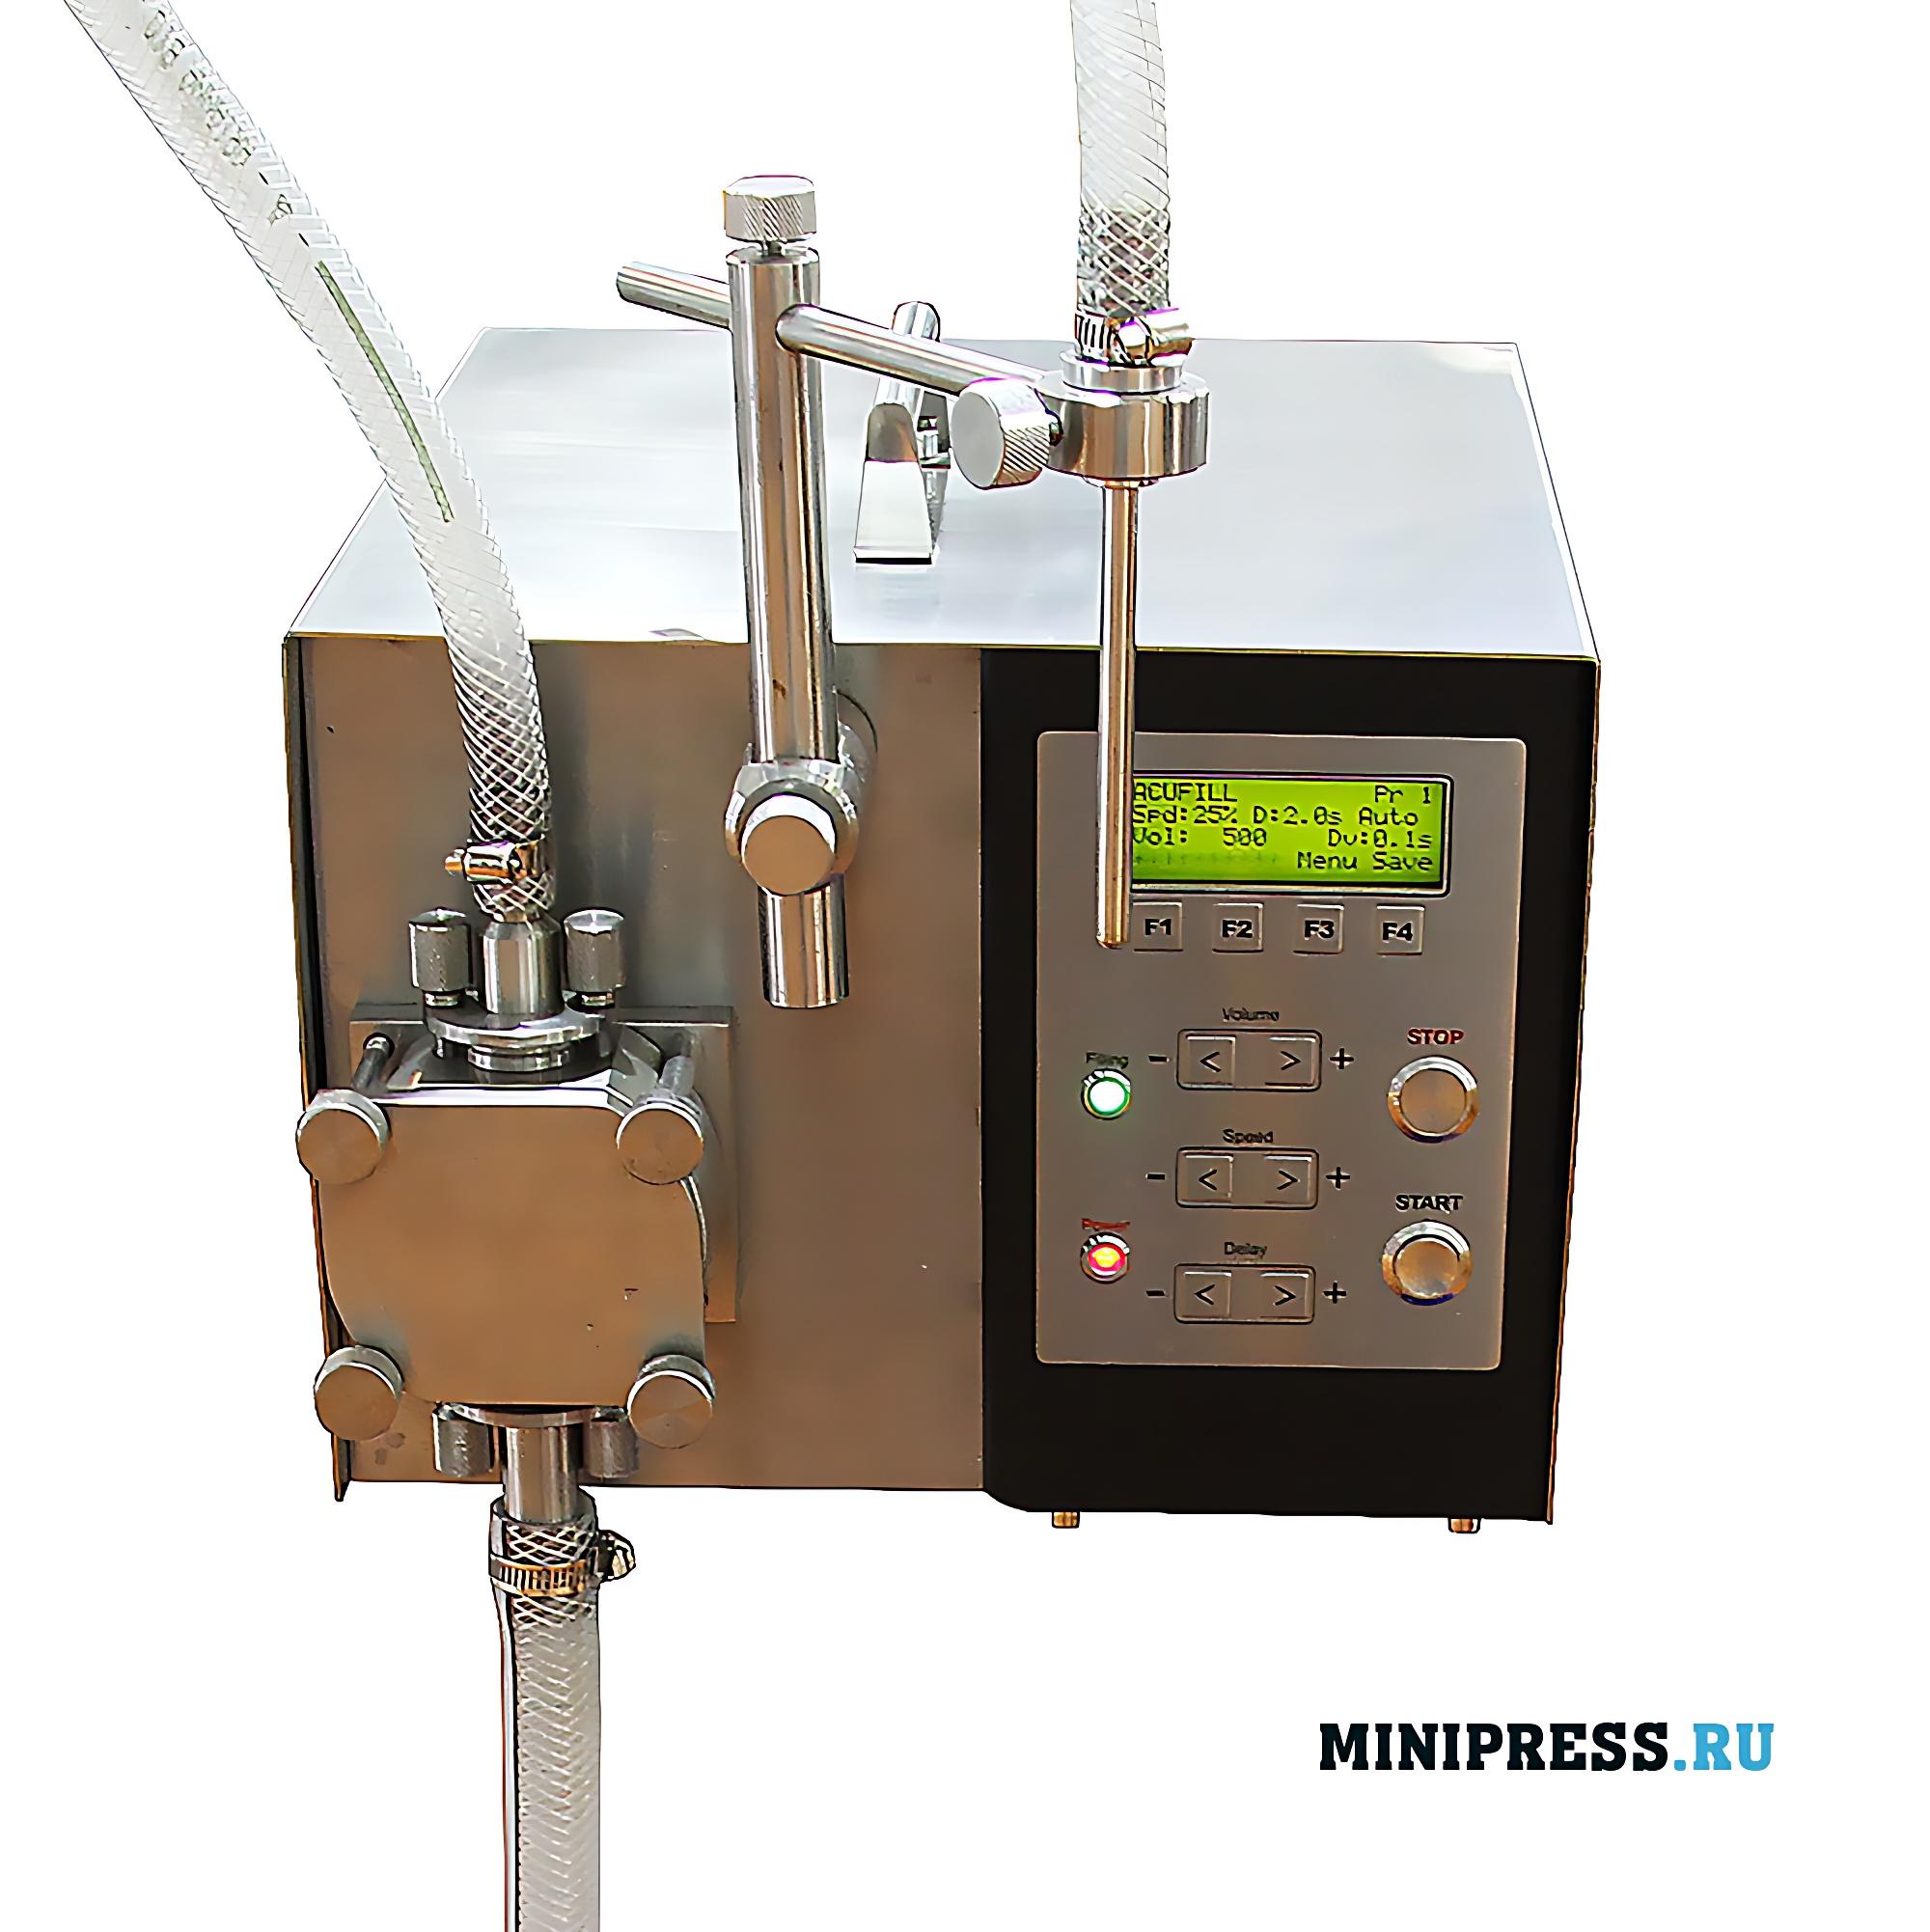 Программируемый шестеренчатый насос для дозировки жидких материалов